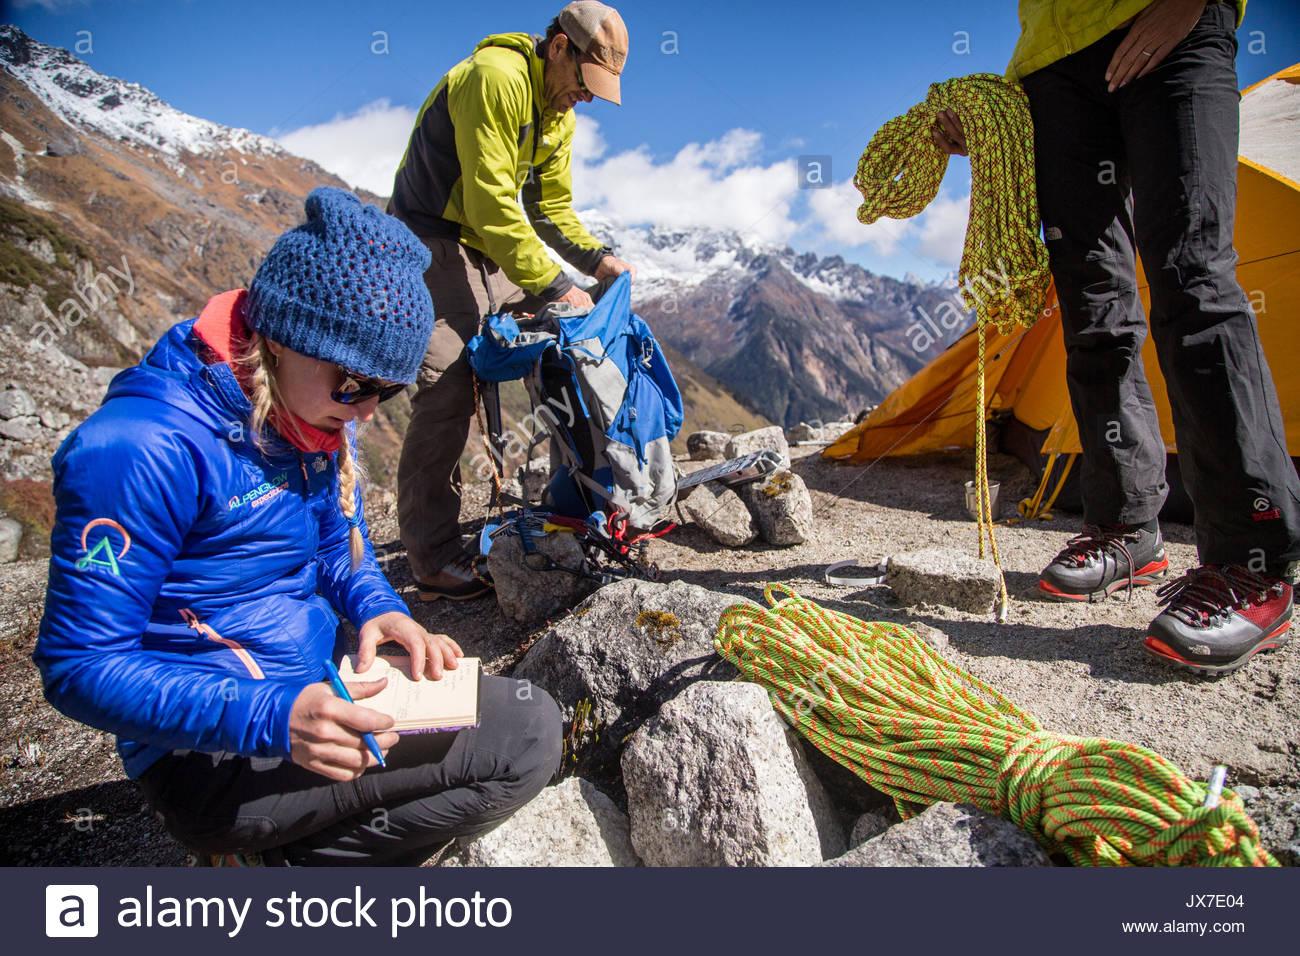 Les membres de l'expédition et de vérification des plans d'examen avant de partir l'alpinisme. Photo Stock